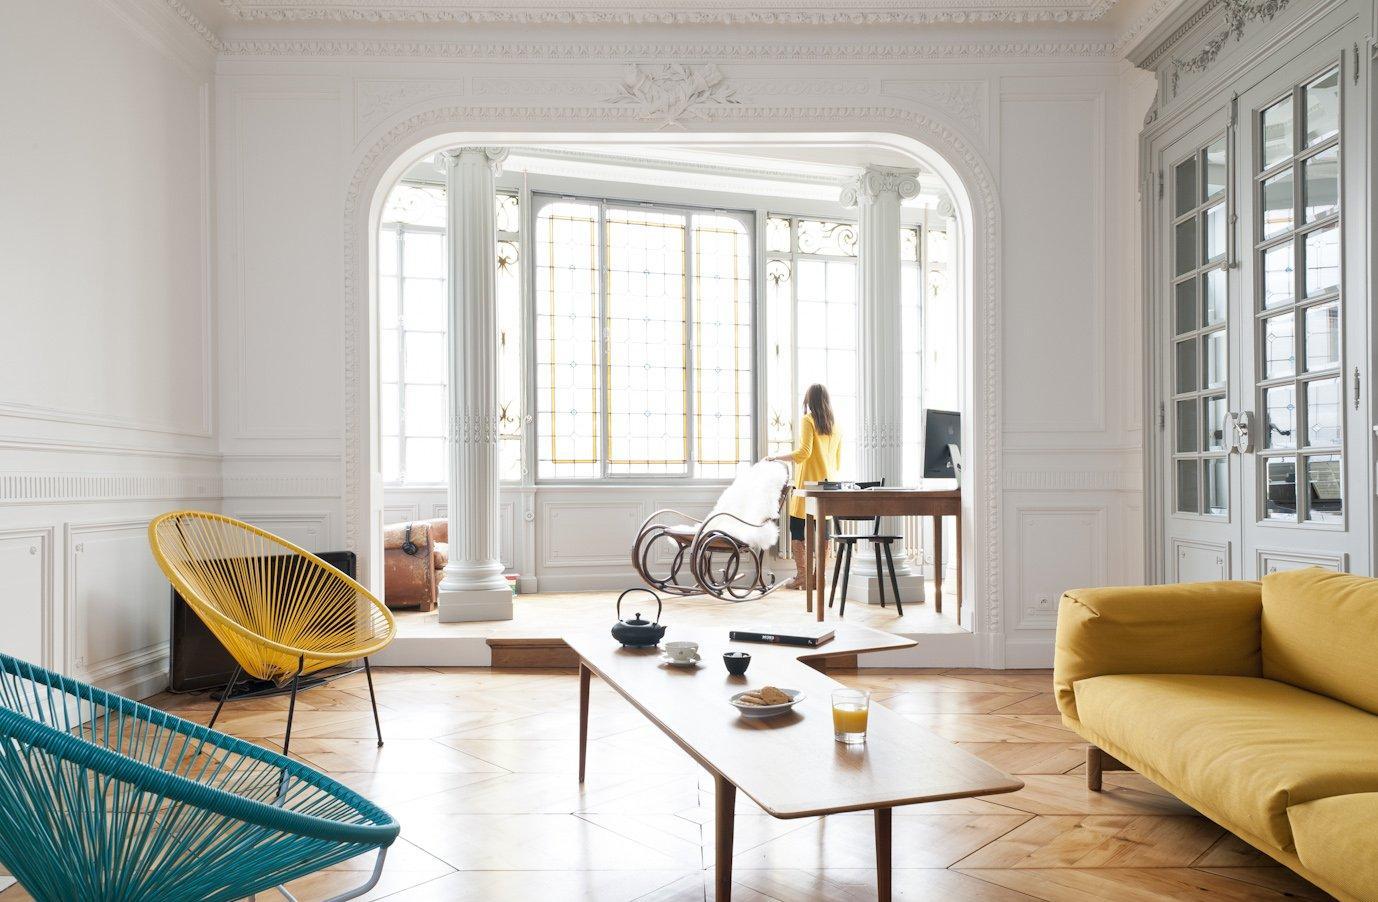 Бюджетный ремонт в однокомнатной квартире с лепниной